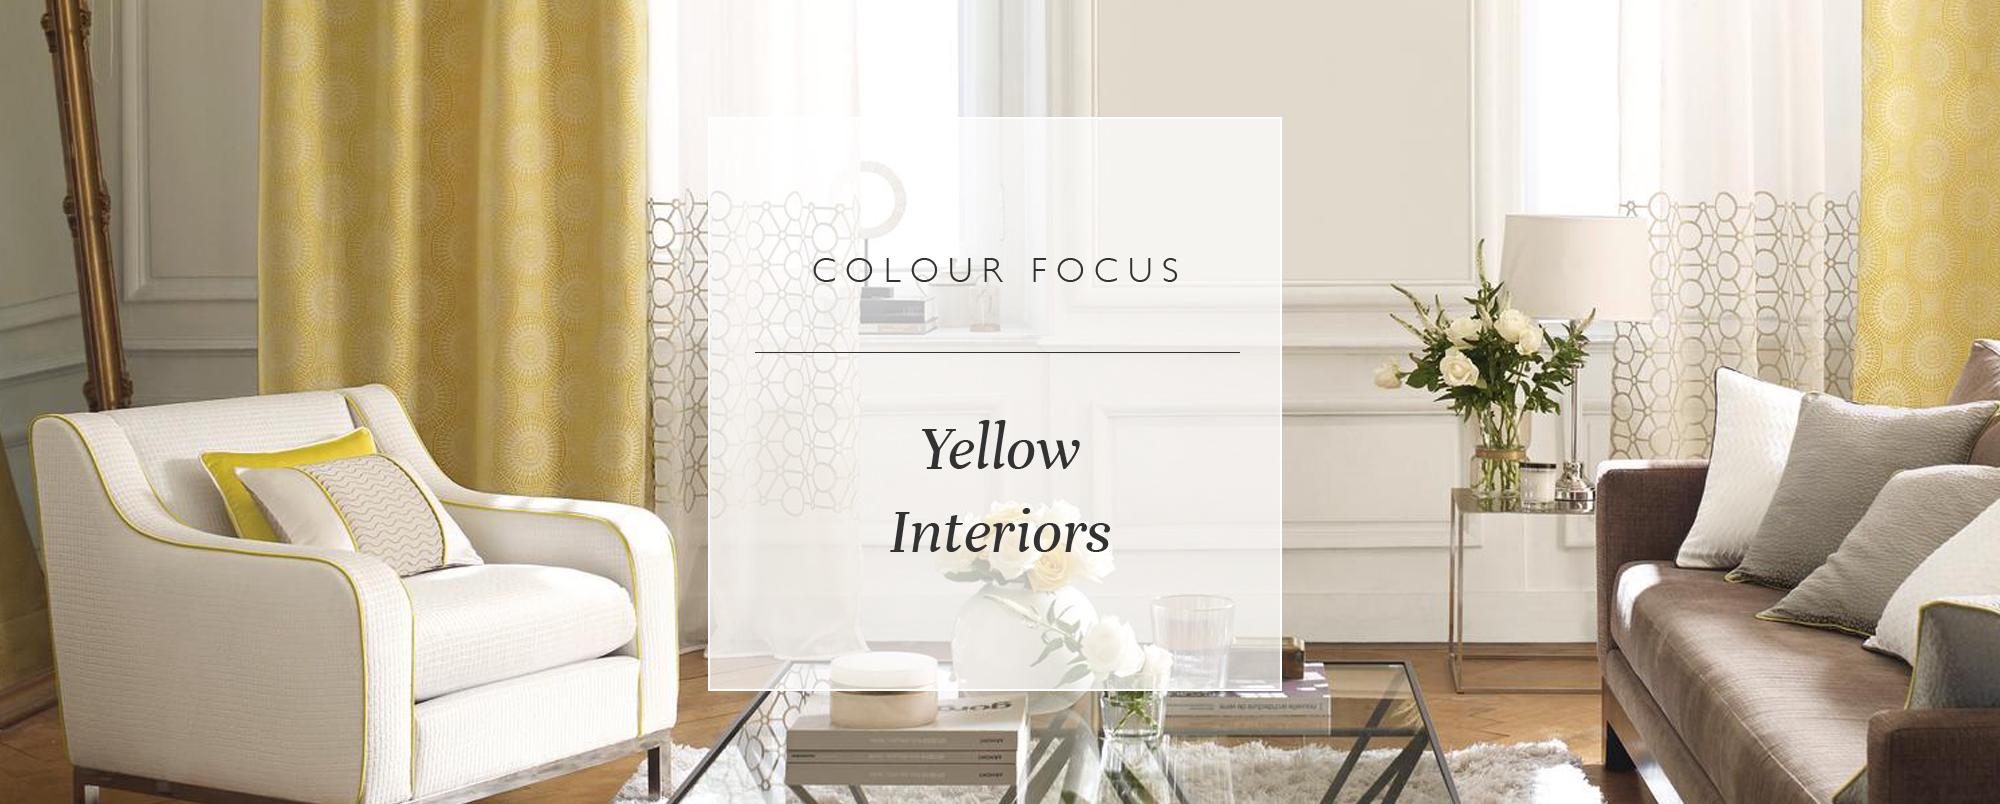 Colour Focus: Yellow Interiors